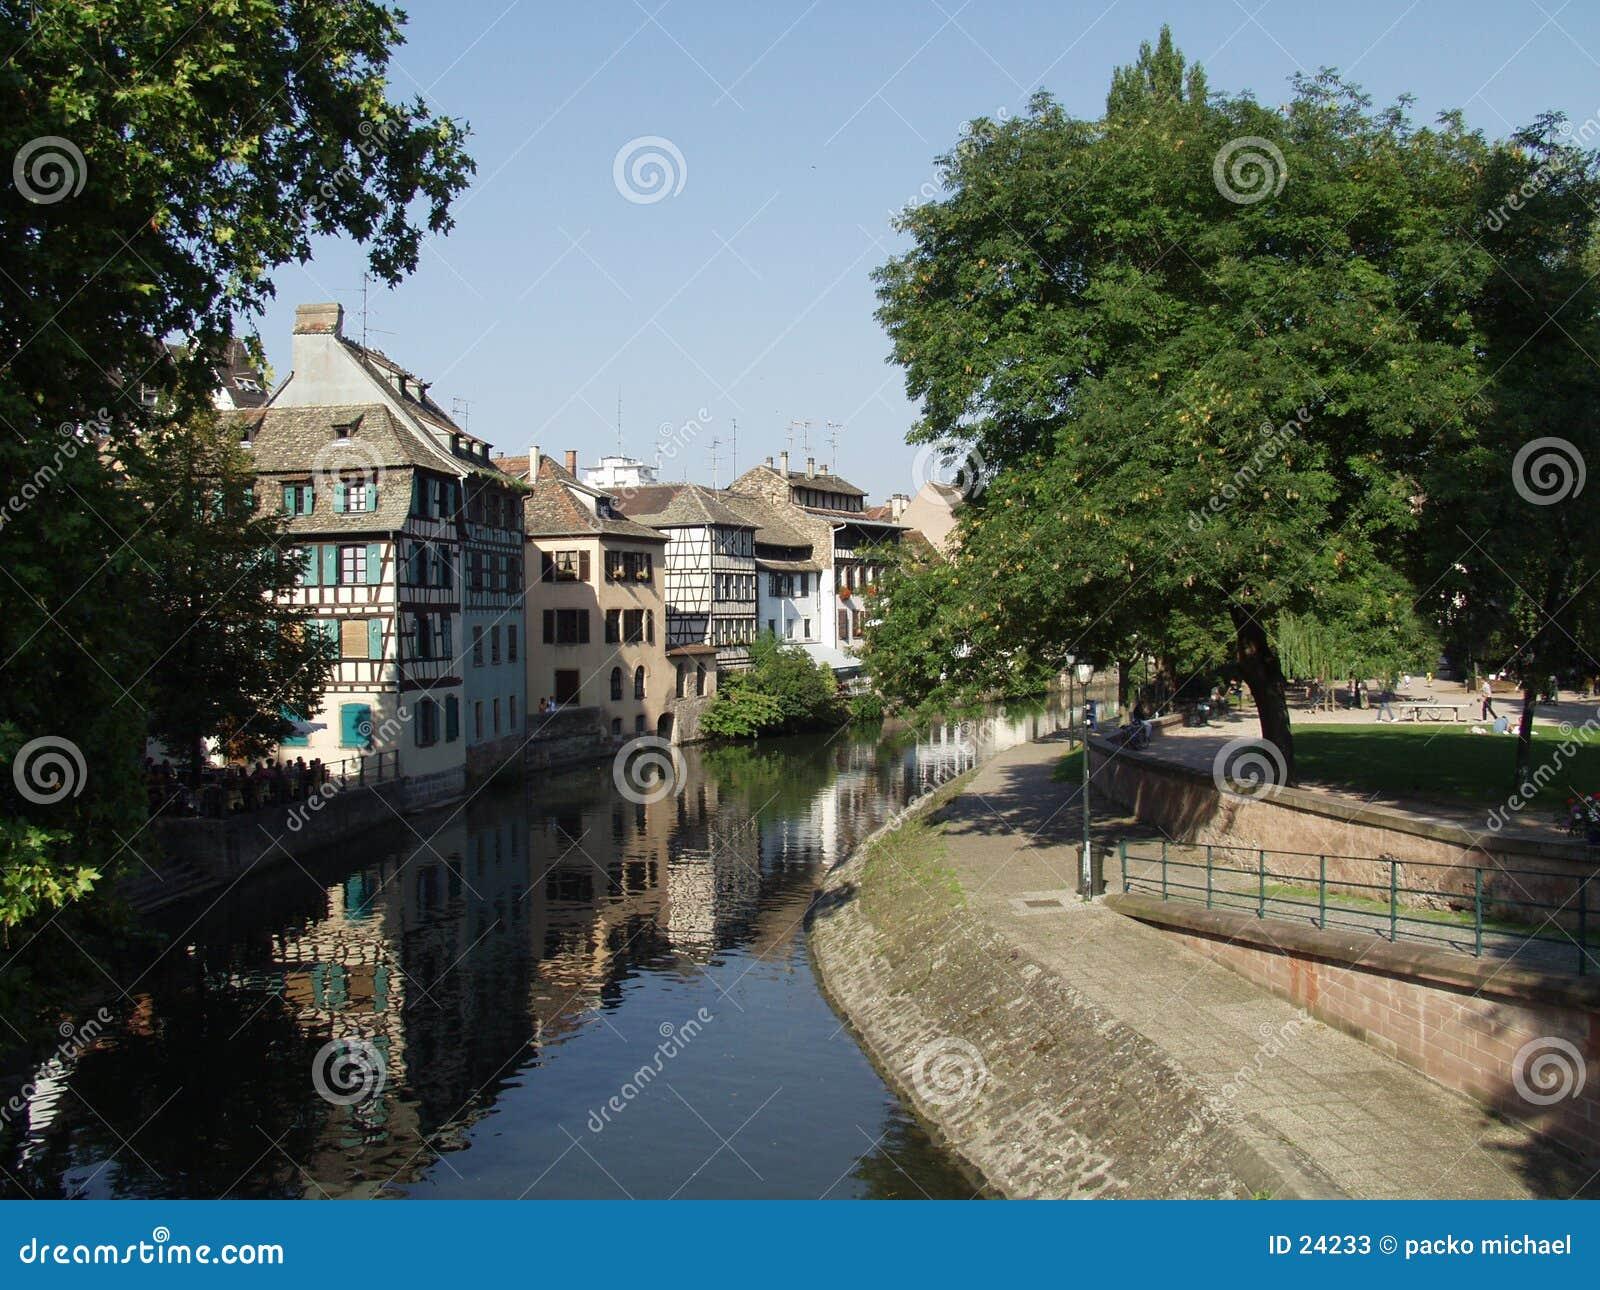 法国史特拉斯堡城镇